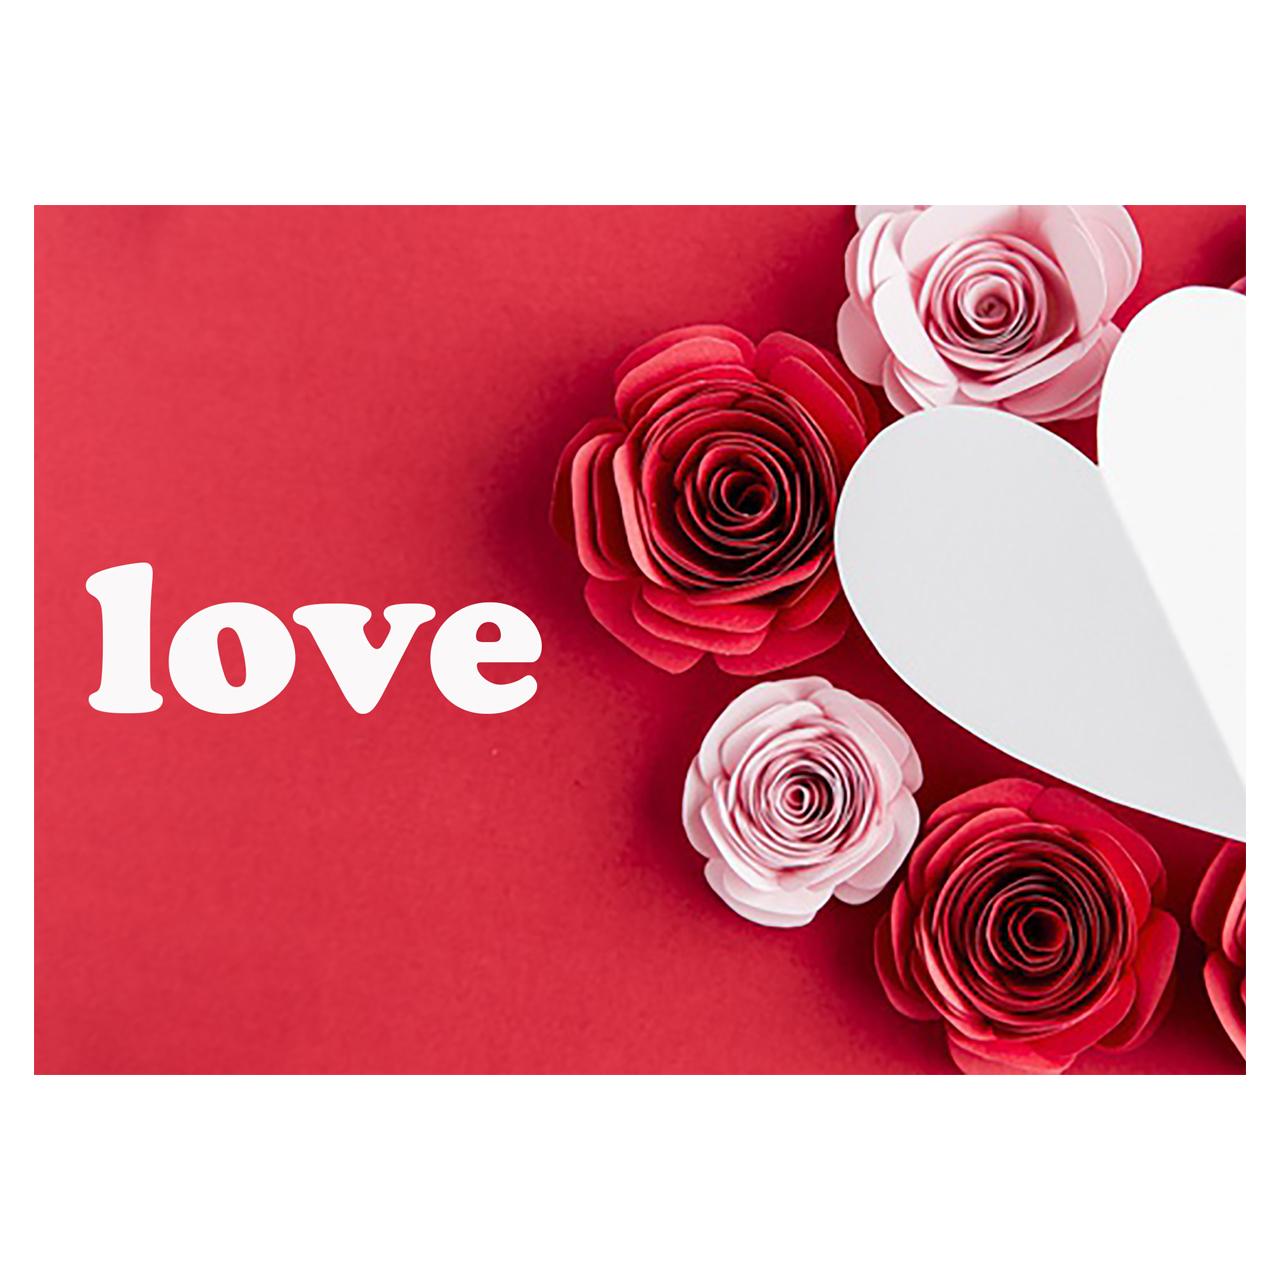 کارت پستال ماهتاب طرح عشق love گل قلب کد 1904